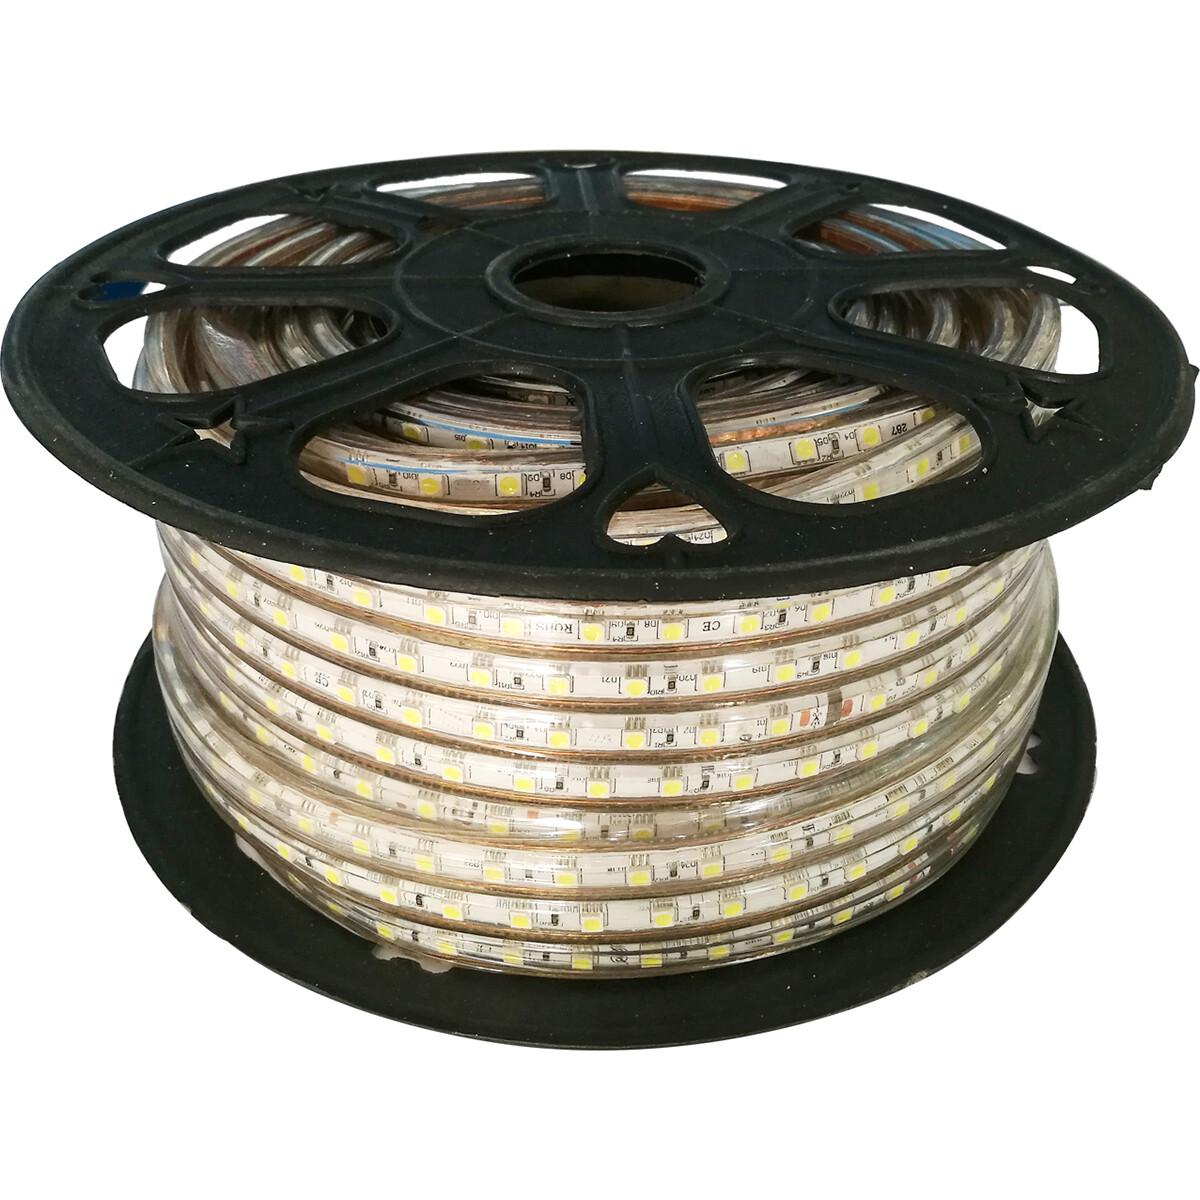 LED Strip - Aigi Strabo - 50 Meter - Dimbaar - IP65 Waterdicht - Helder/Koud Wit 6500K - 5050 SMD 23